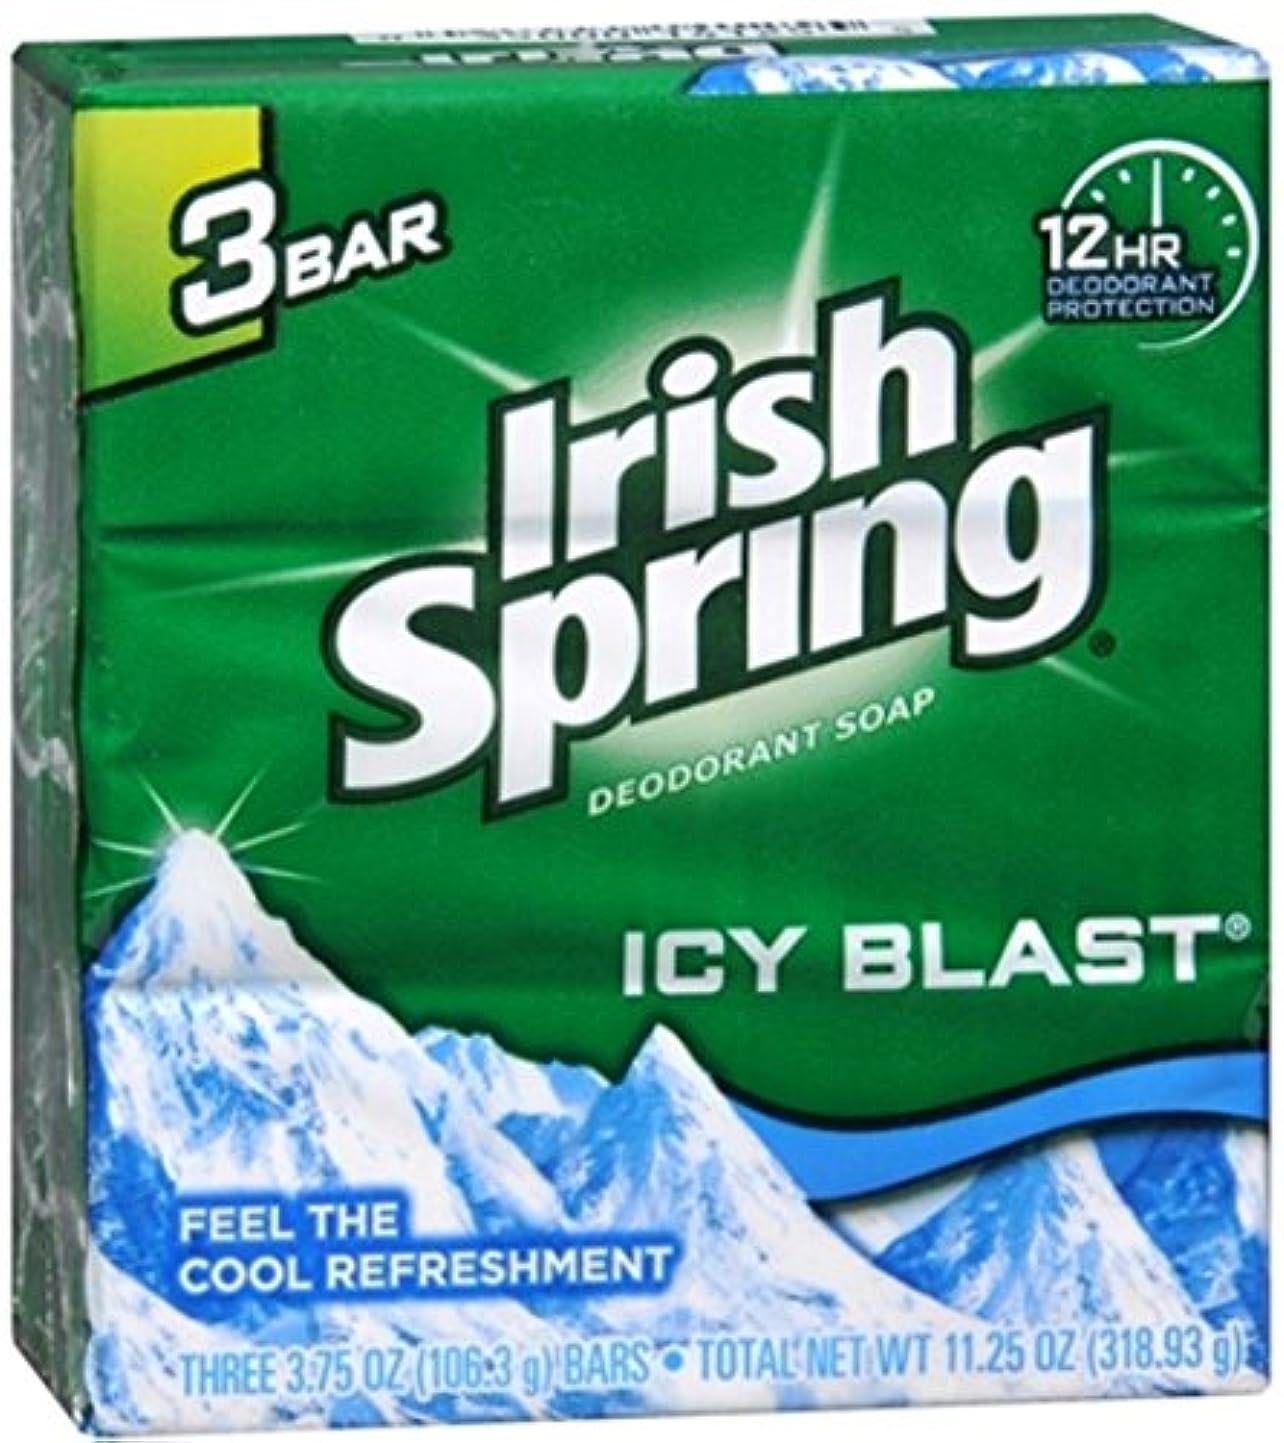 上向き抵当薬を飲むIrish Spring デオドラント石鹸、アイシーブラスト、3.75オズバー、3 Eaは(2パック) 2パック